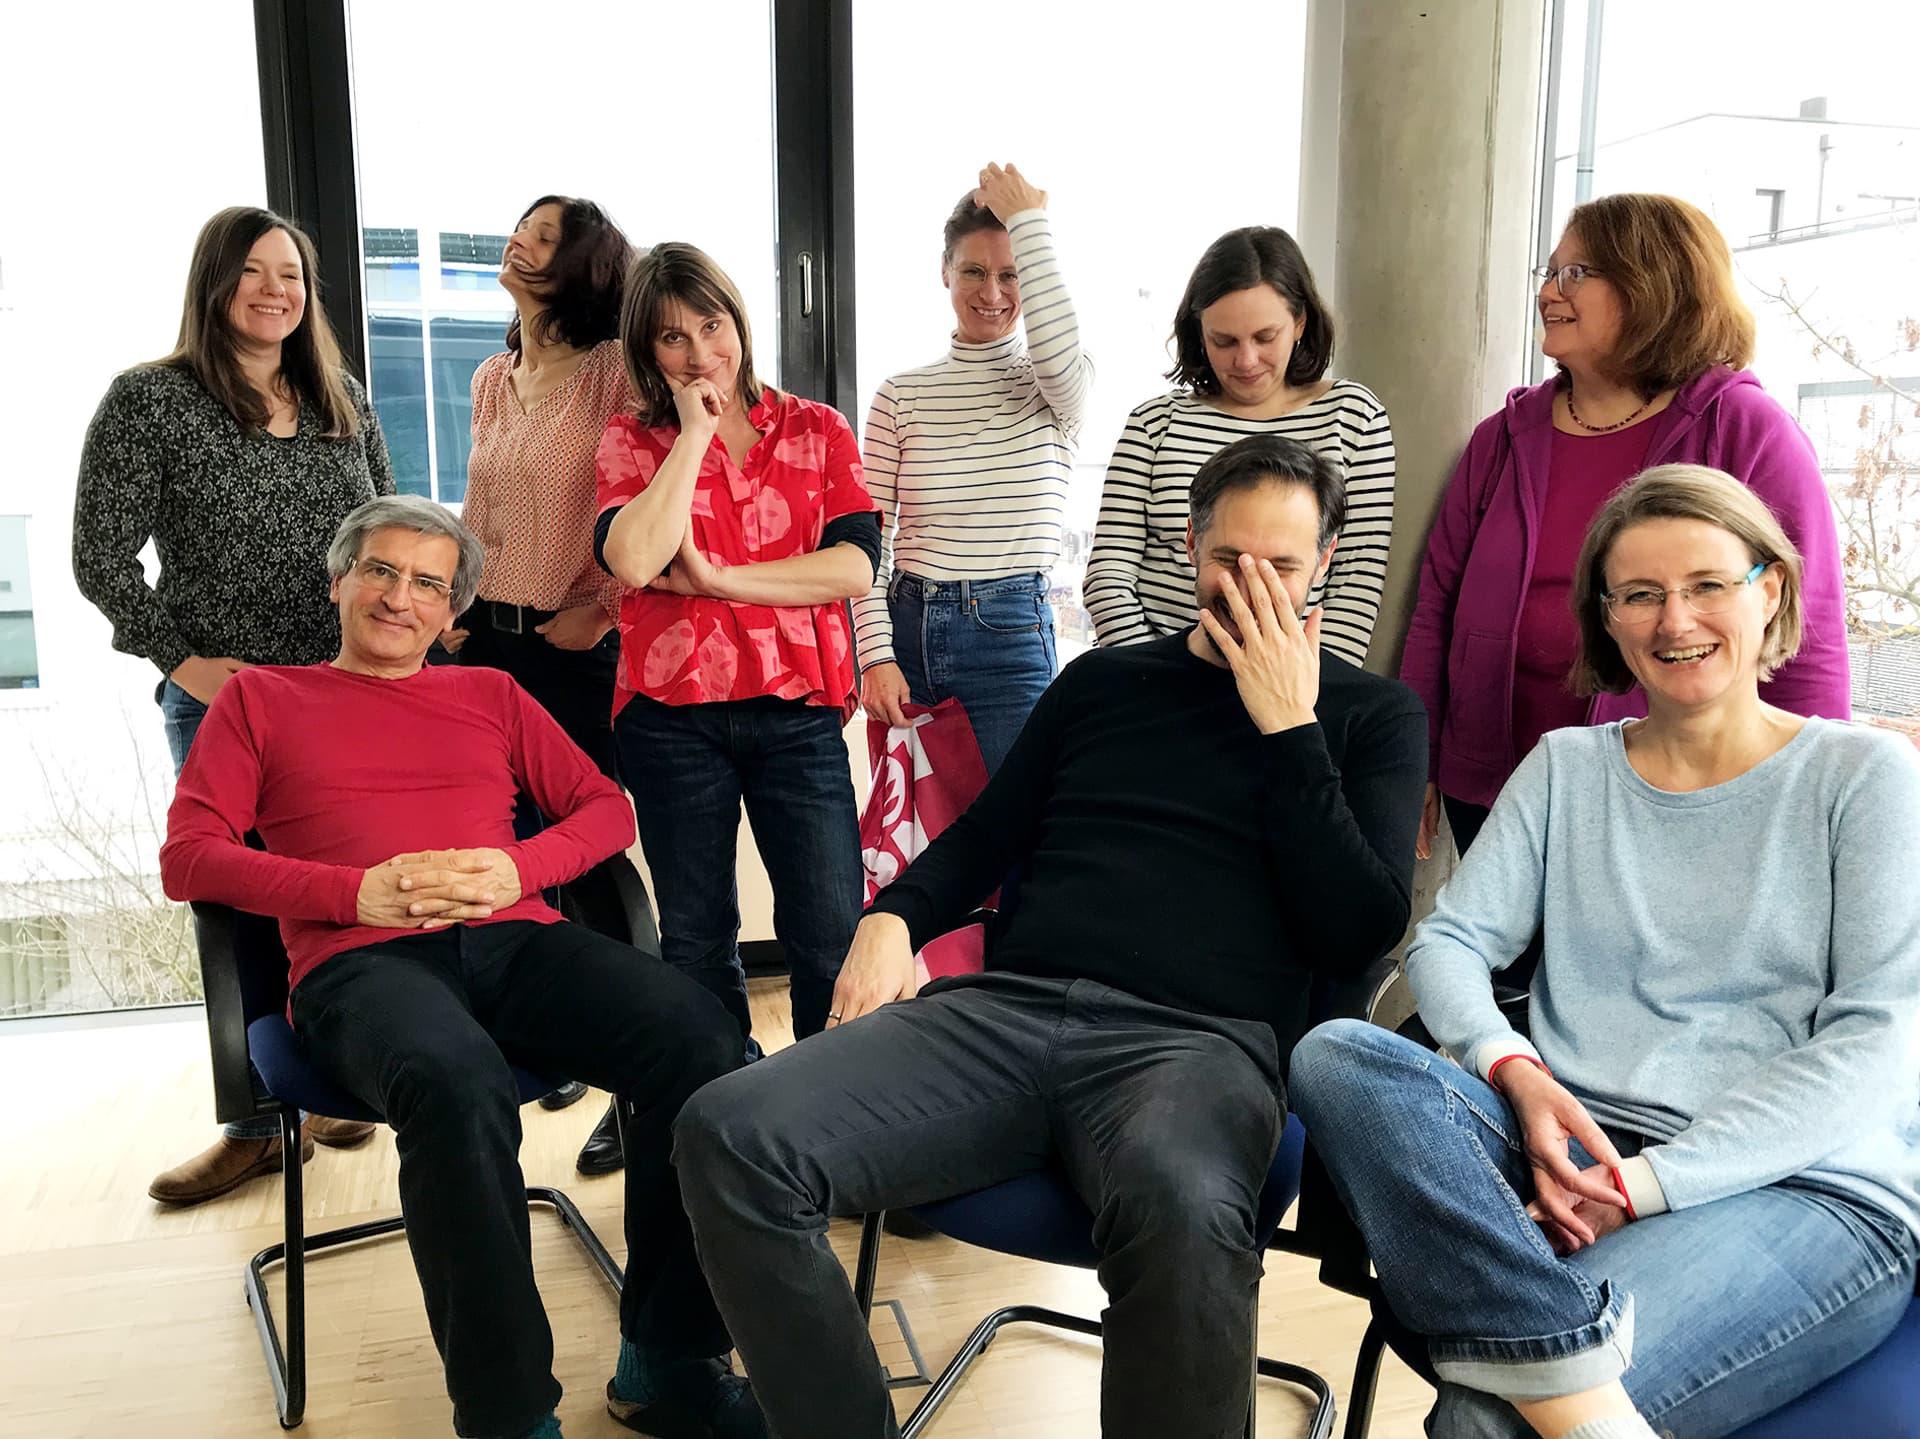 Neun Redakteurinnen und Redakteure der Schrot&Korn stehen in einem gläsernen Büro.